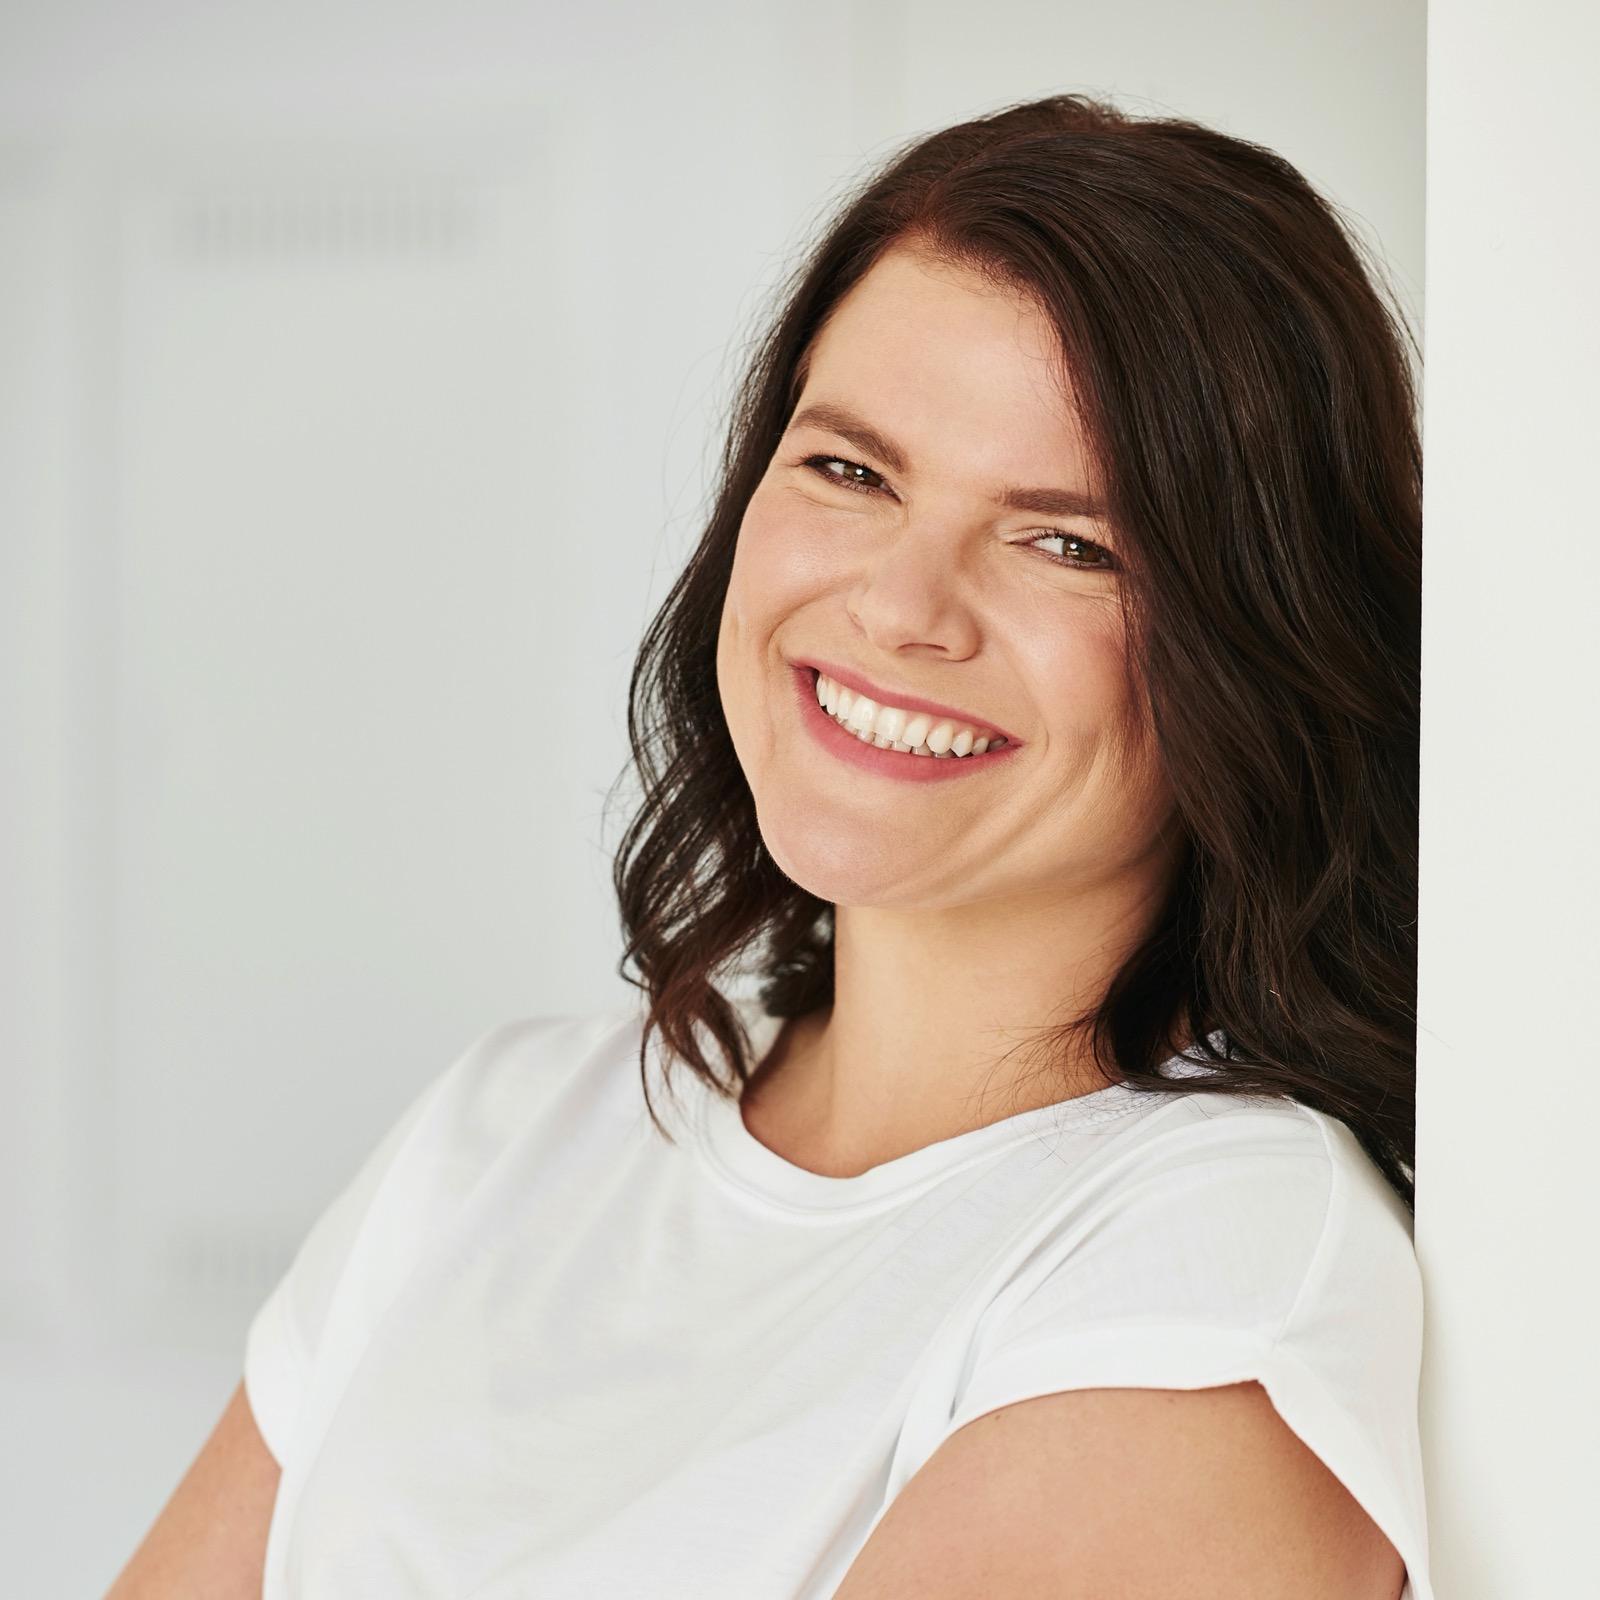 Lisa Duchscherer